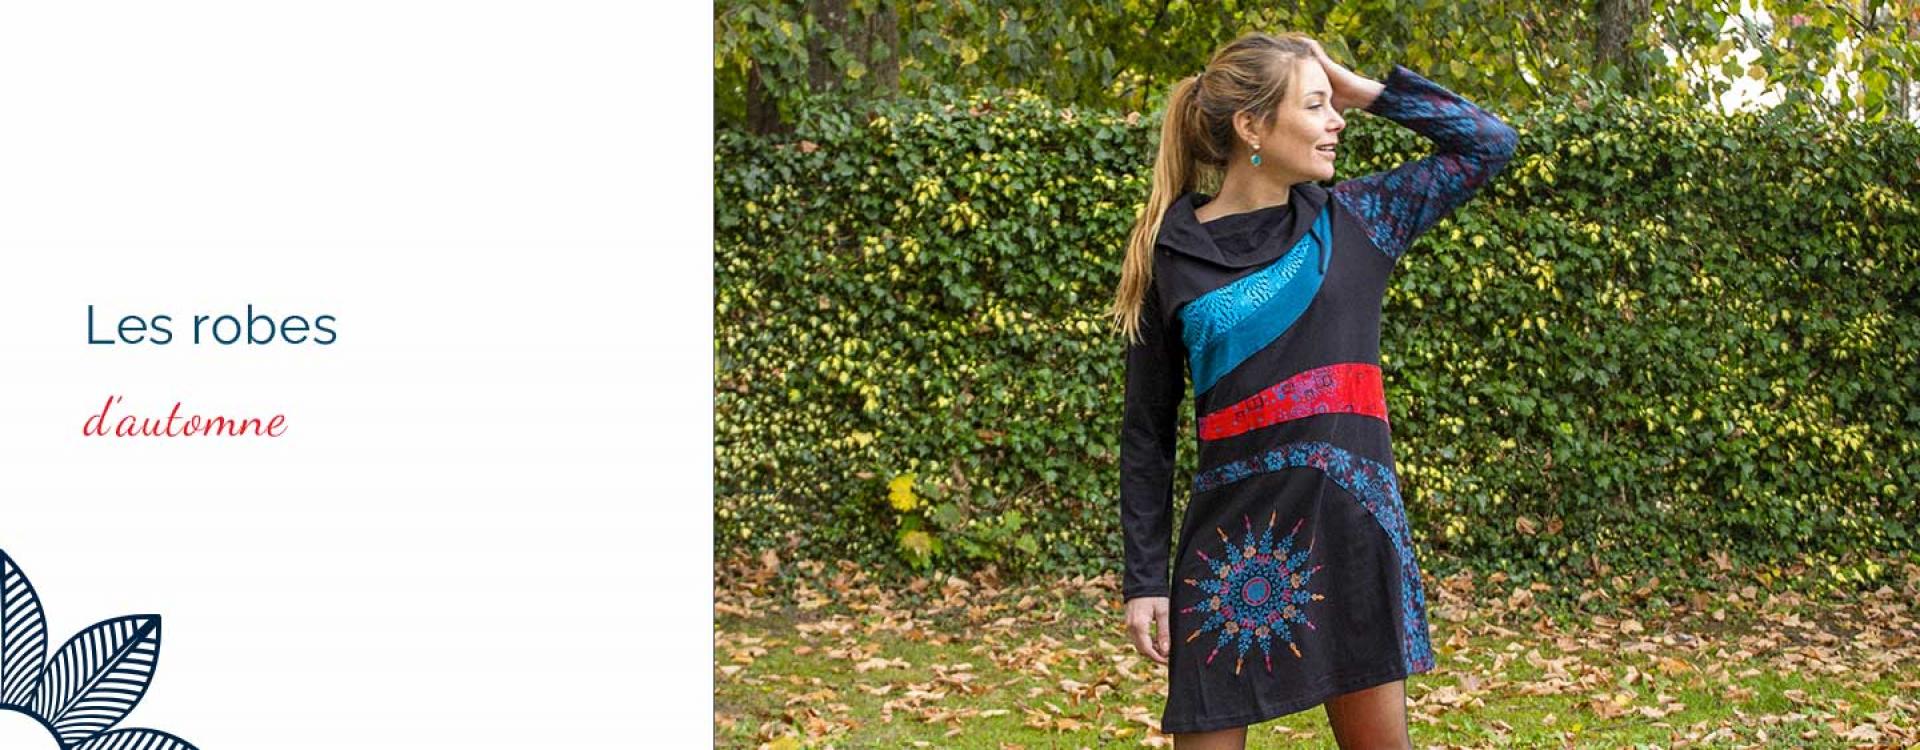 Les robes d'automne